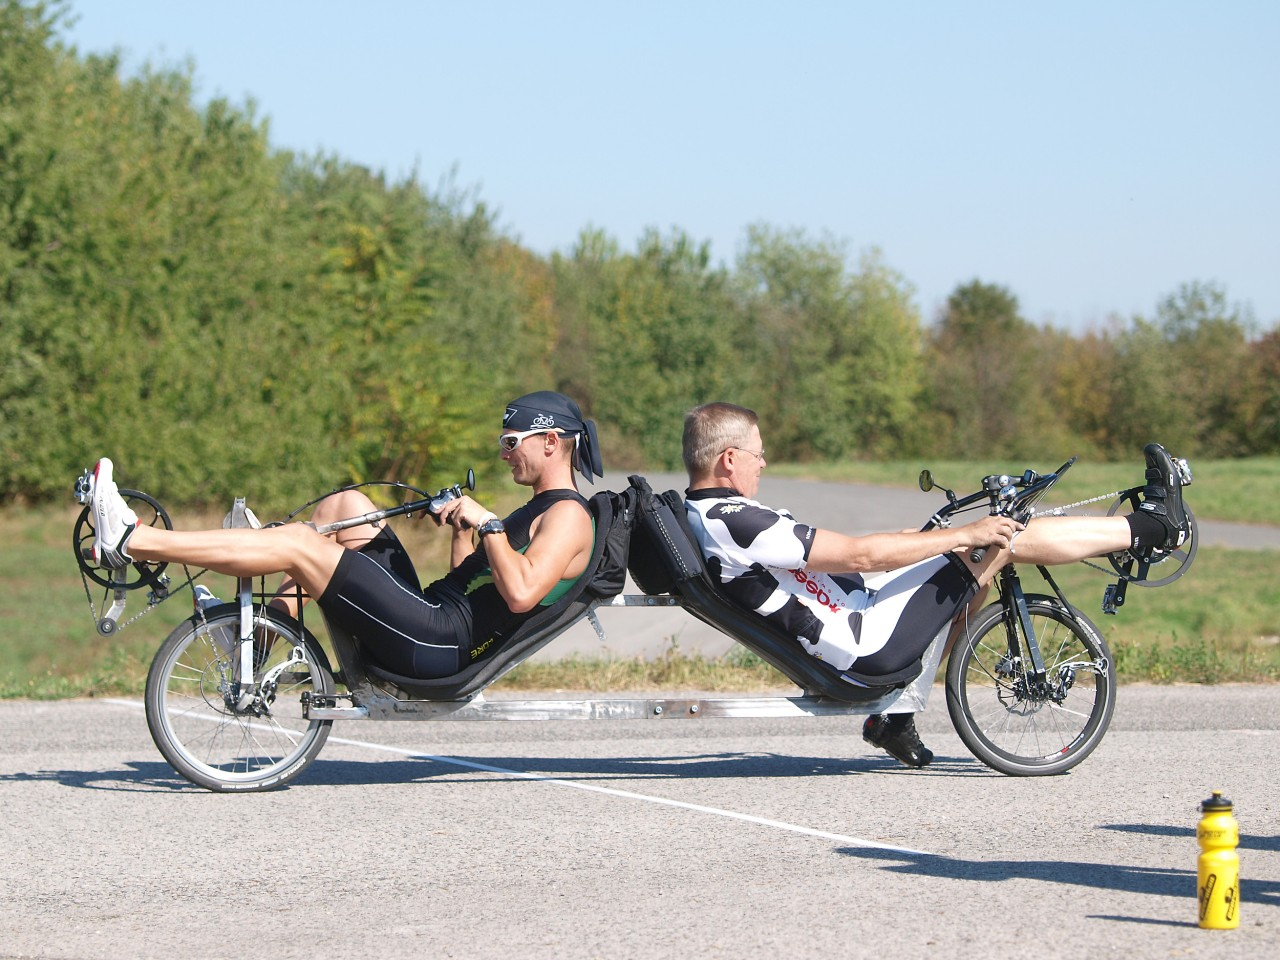 Vulkanlandbiker Gallery Liegerad Challenge Velomobile